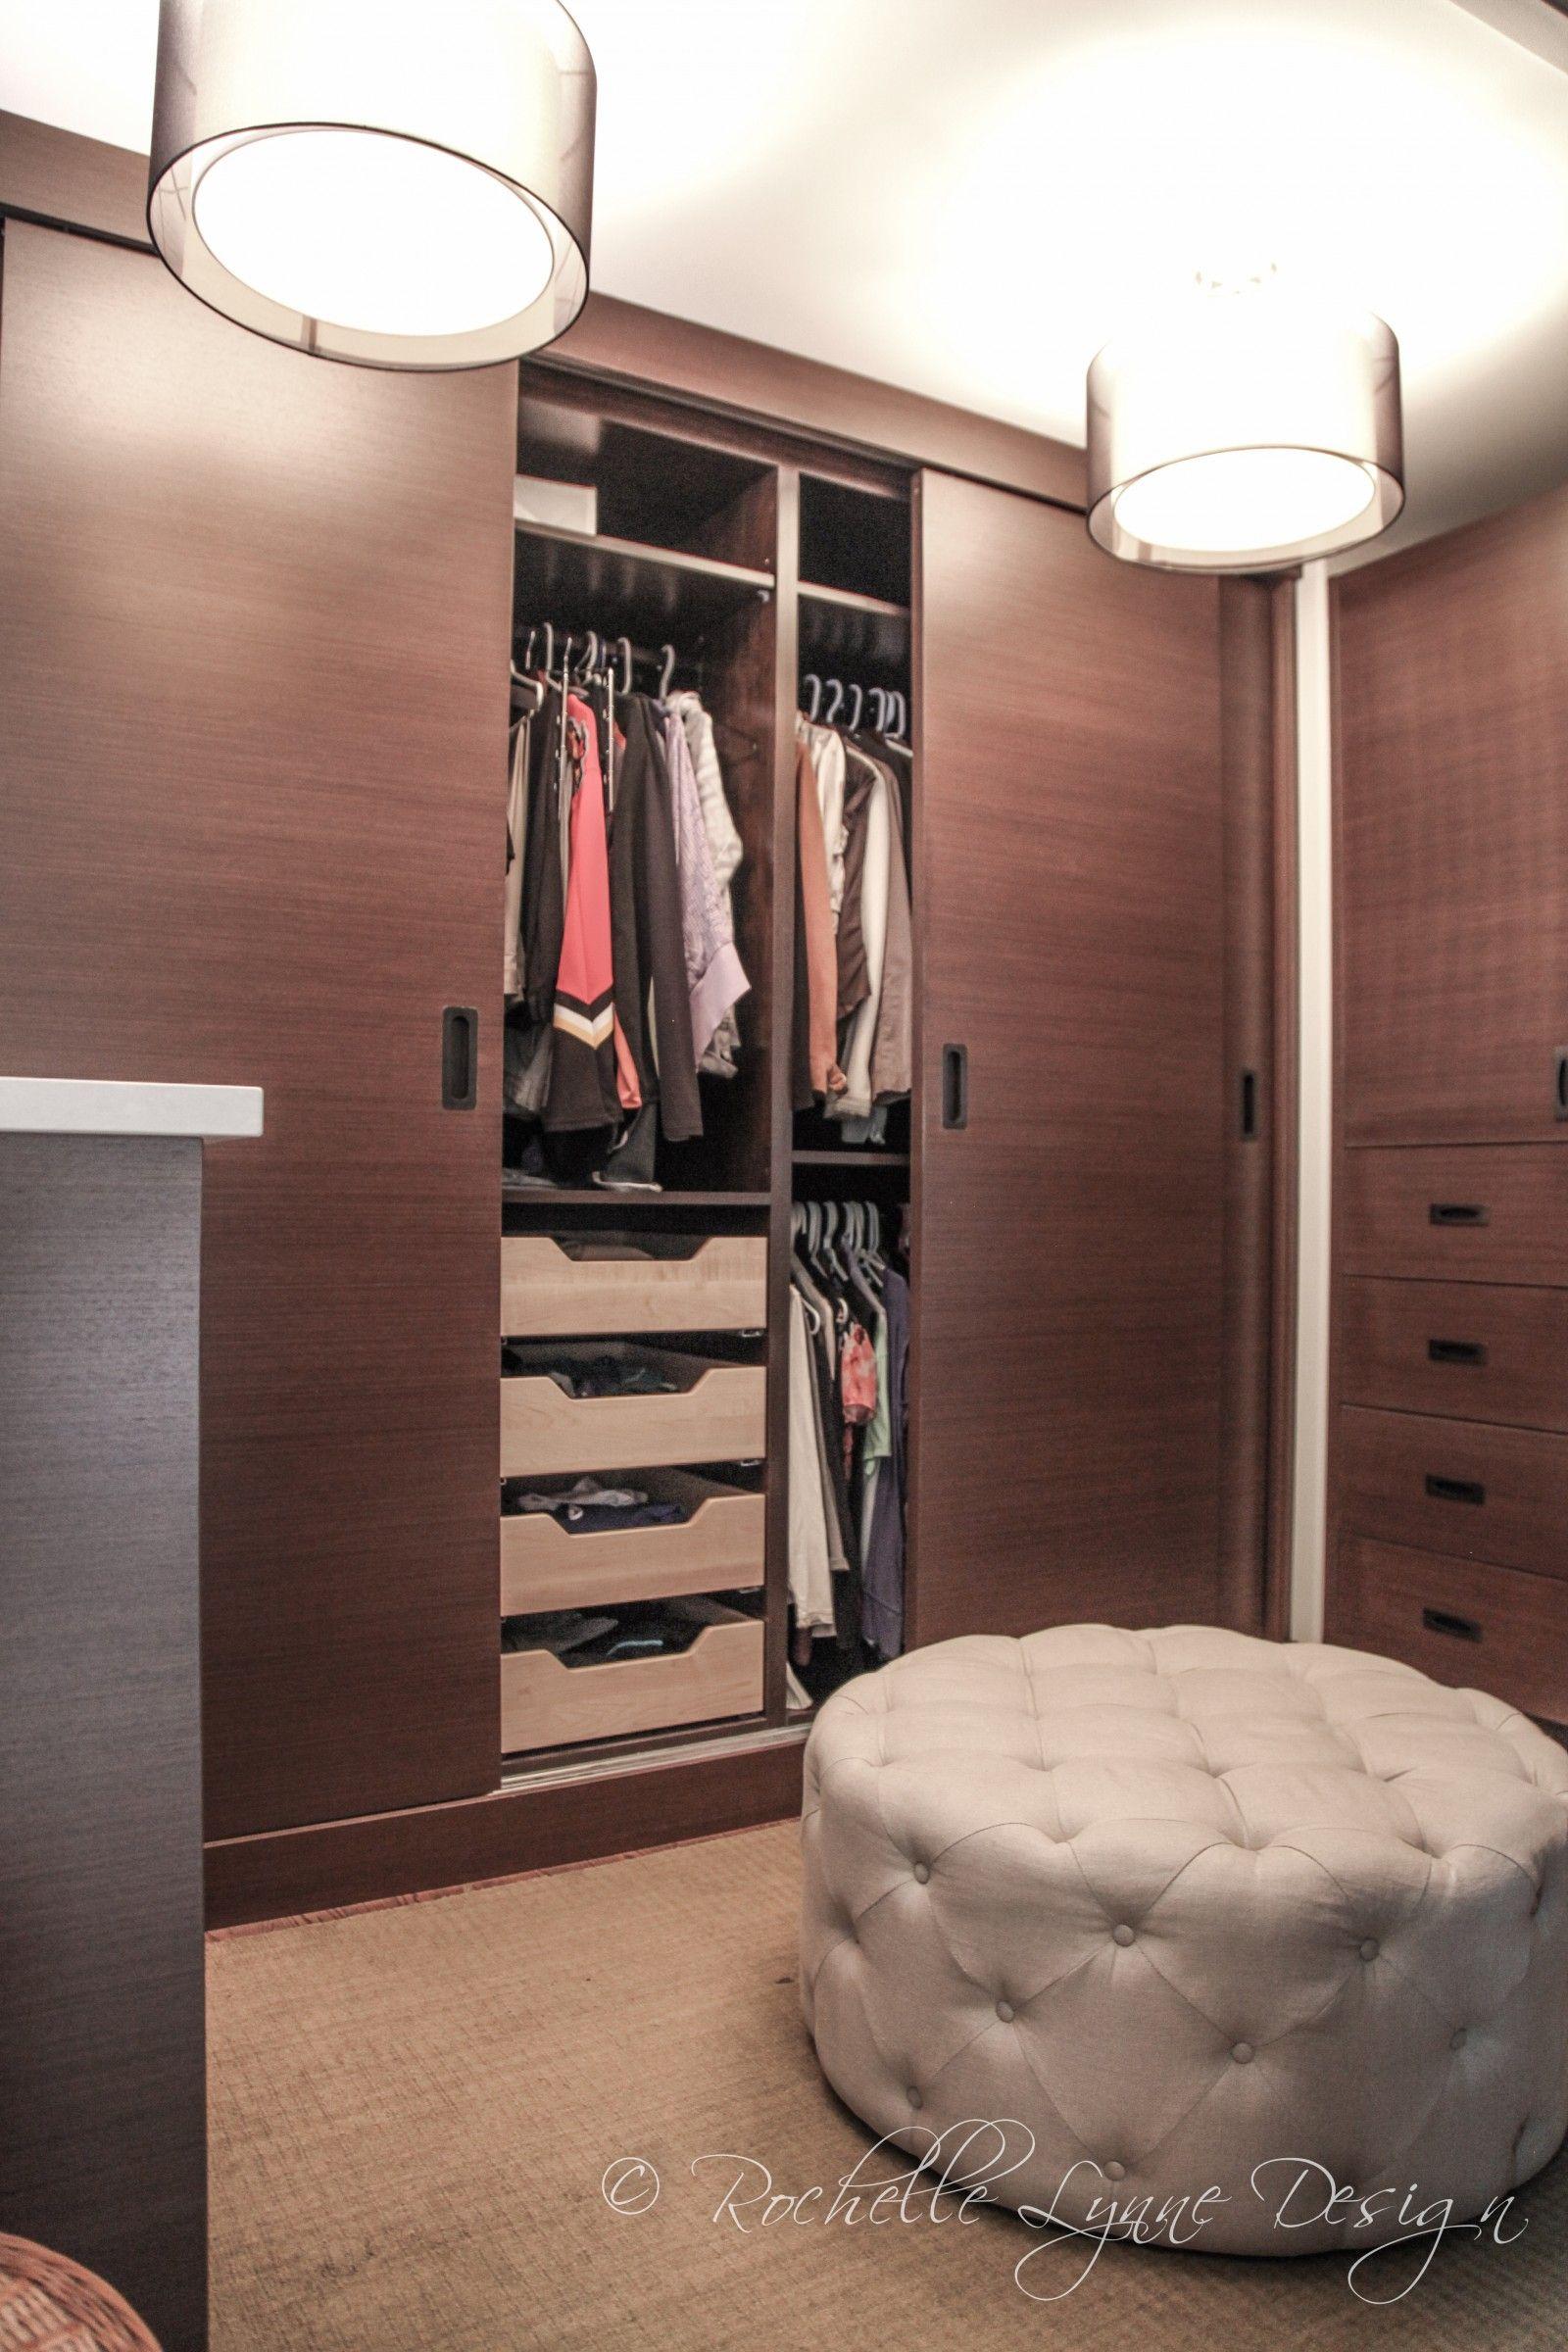 Ordinaire Streamlined Walk In Closet Rock Point Cabinets, Reno By Rochelle Lynne  Design, Cochrane,